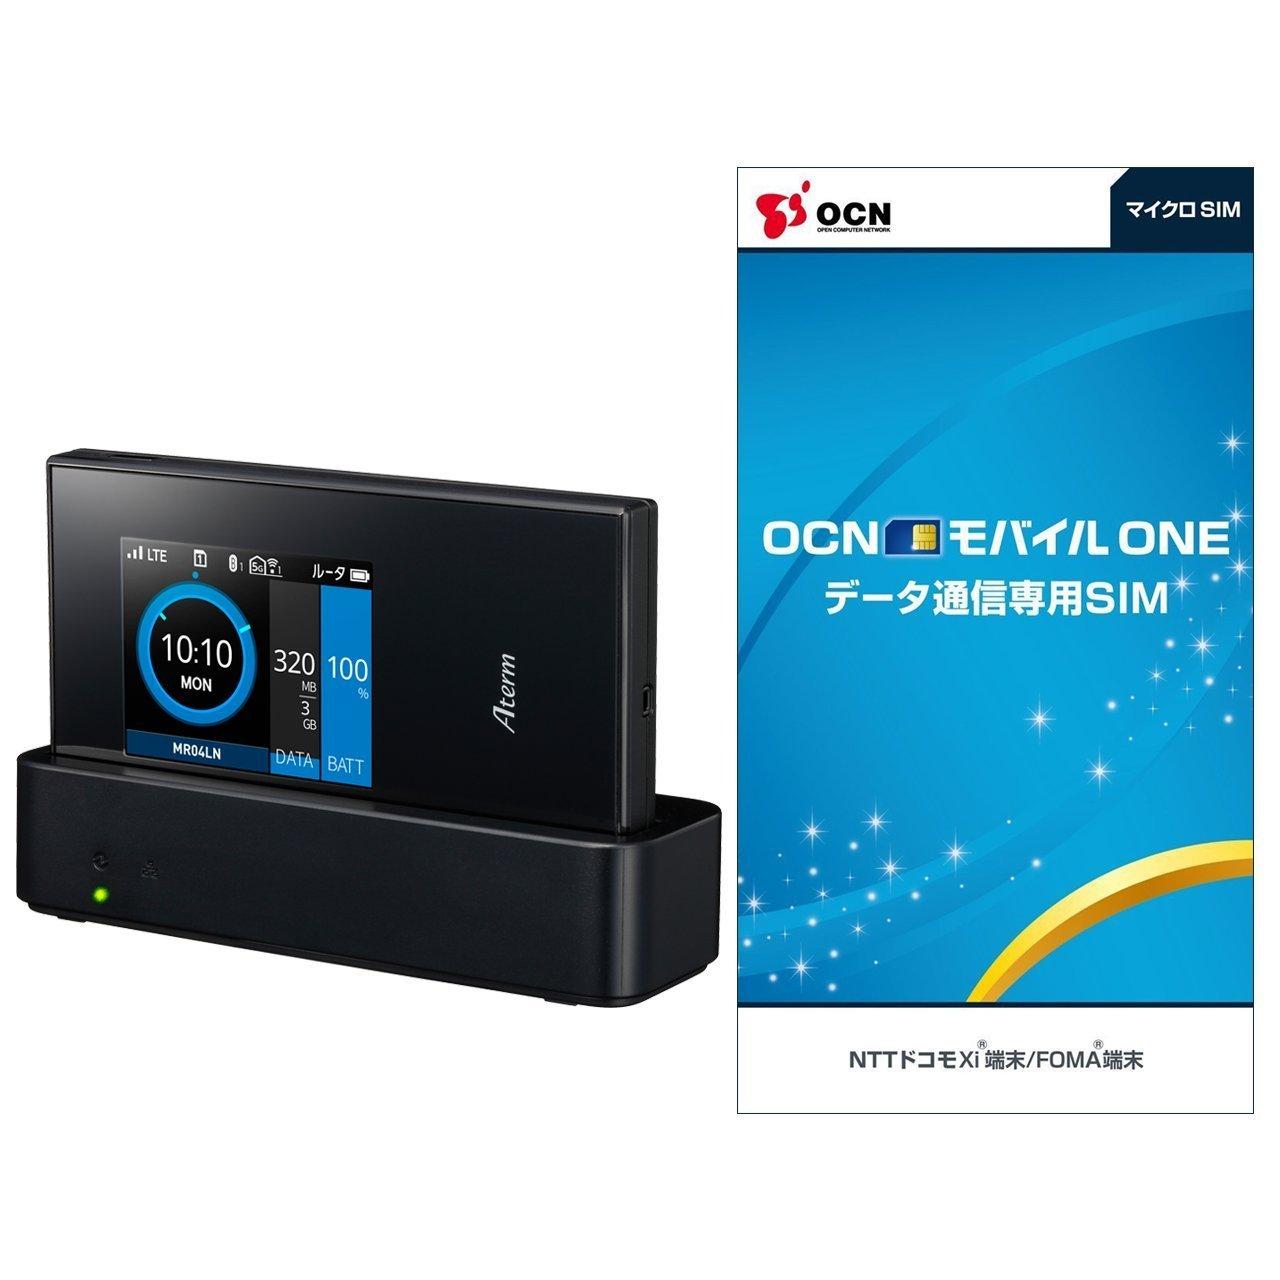 12月24日限定 『NEC Atermモバイルルーター』『ESET ファミリー セキュリティ 3年5台版』などがamazonタイムセール中